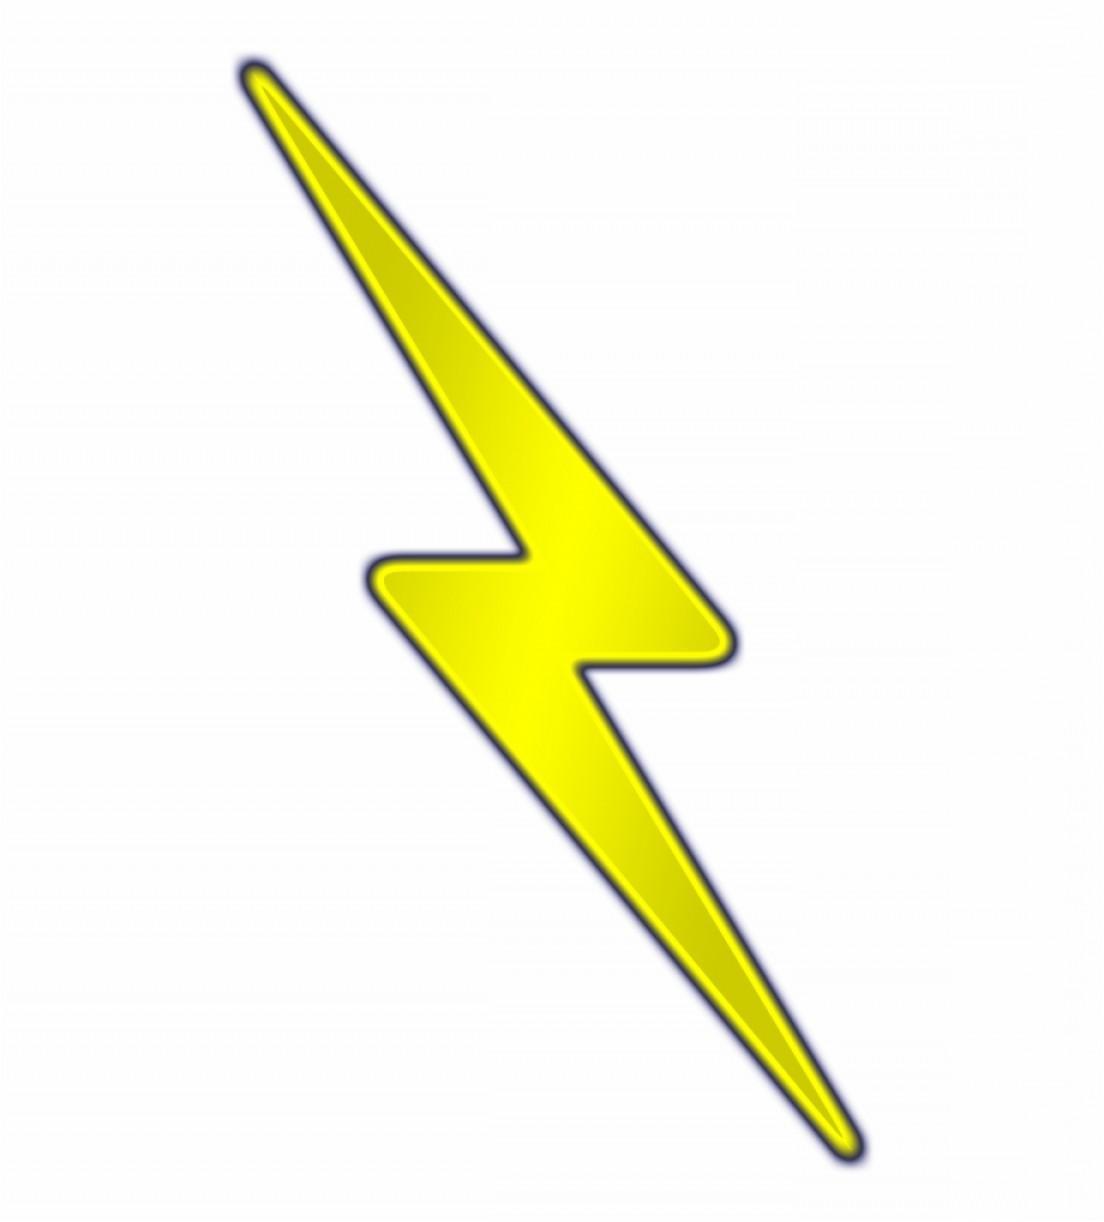 Ithtwjlightning Bolt Clip Art At Vector Clip Art.